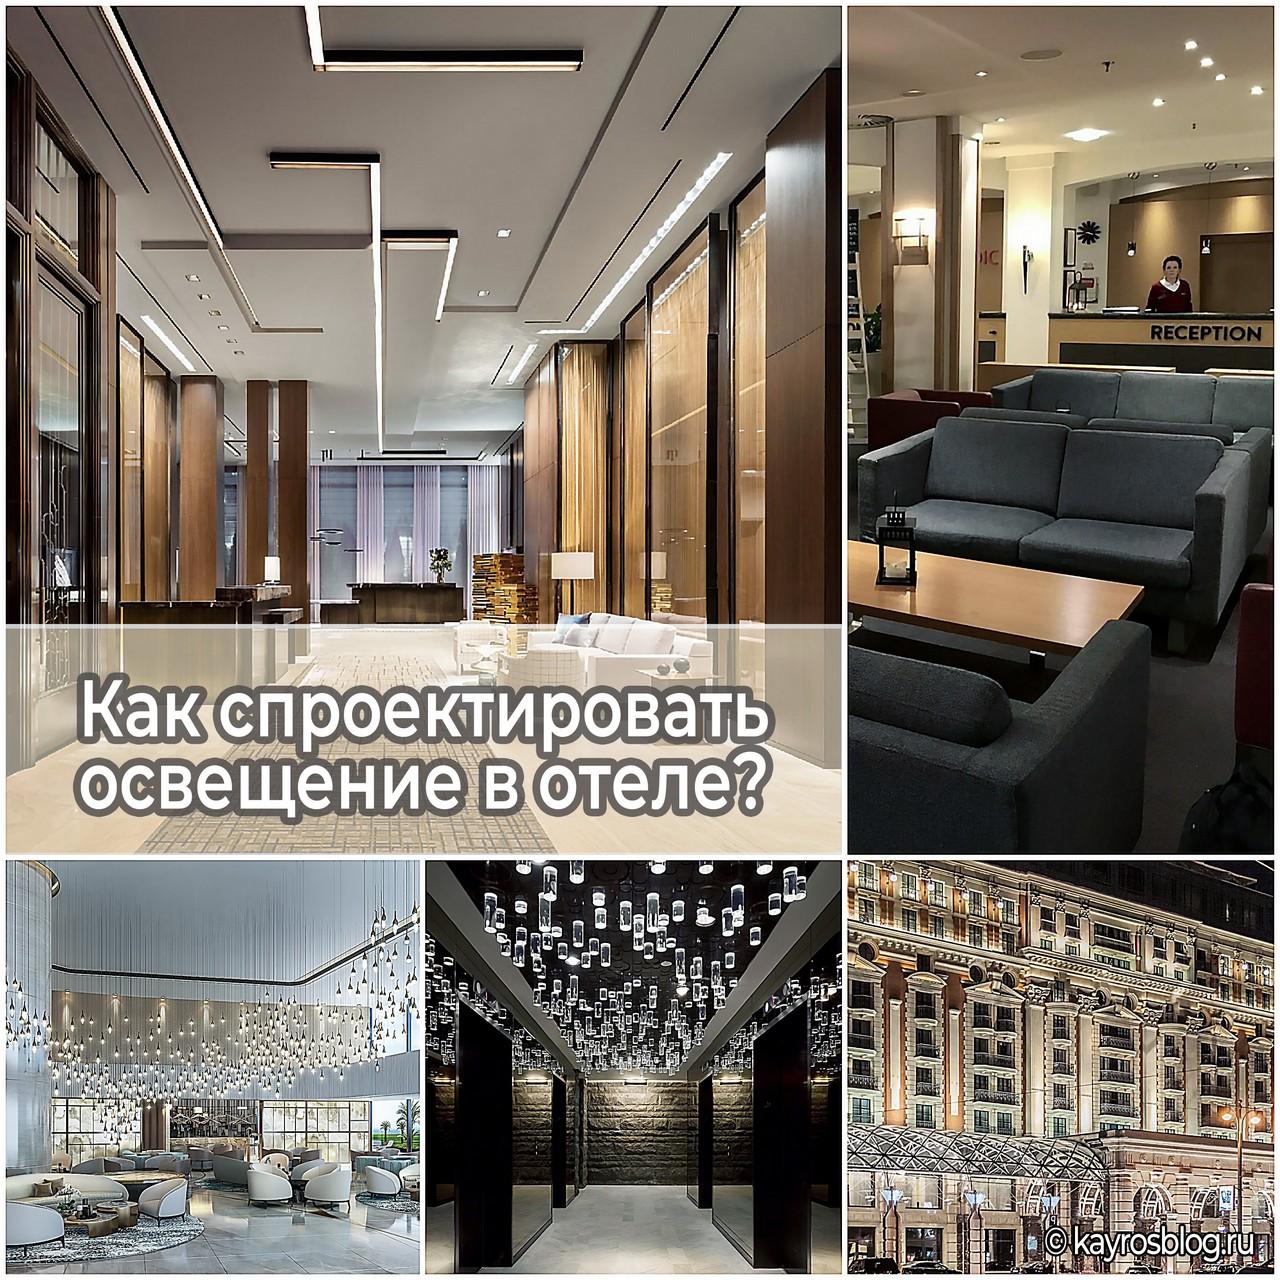 Как спроектировать освещение в отеле?